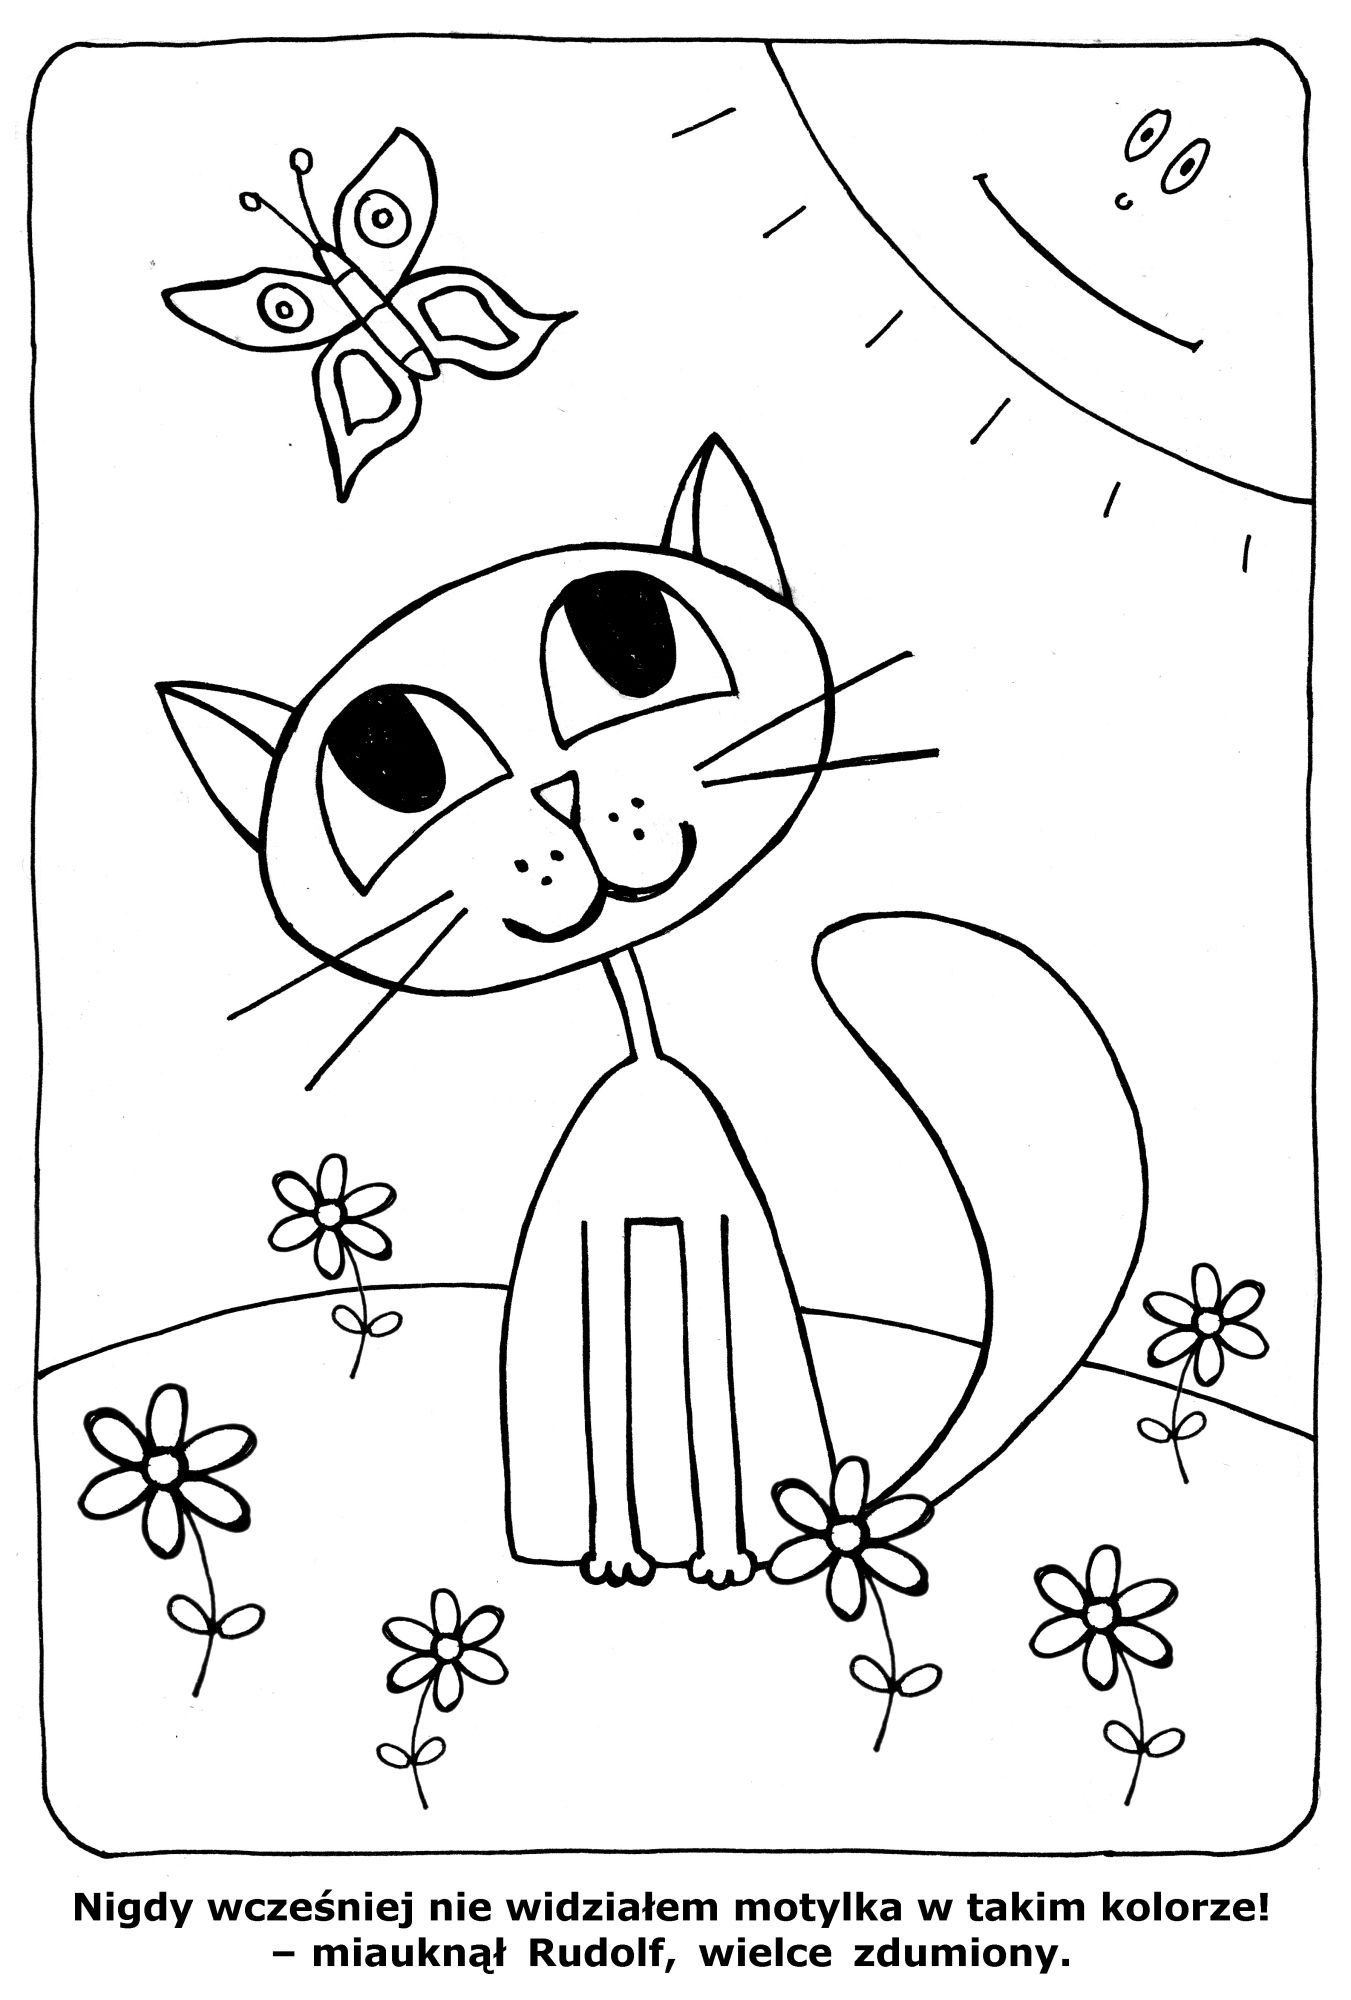 Piekne Rysunki Artystki Ewy Rynskiej Opatrzone Tekstami Blogerki I Copywriterki Ewy Piorko Zostaly Przygotowane Specjalnie Dla Fu Coloring Pages Kids Character